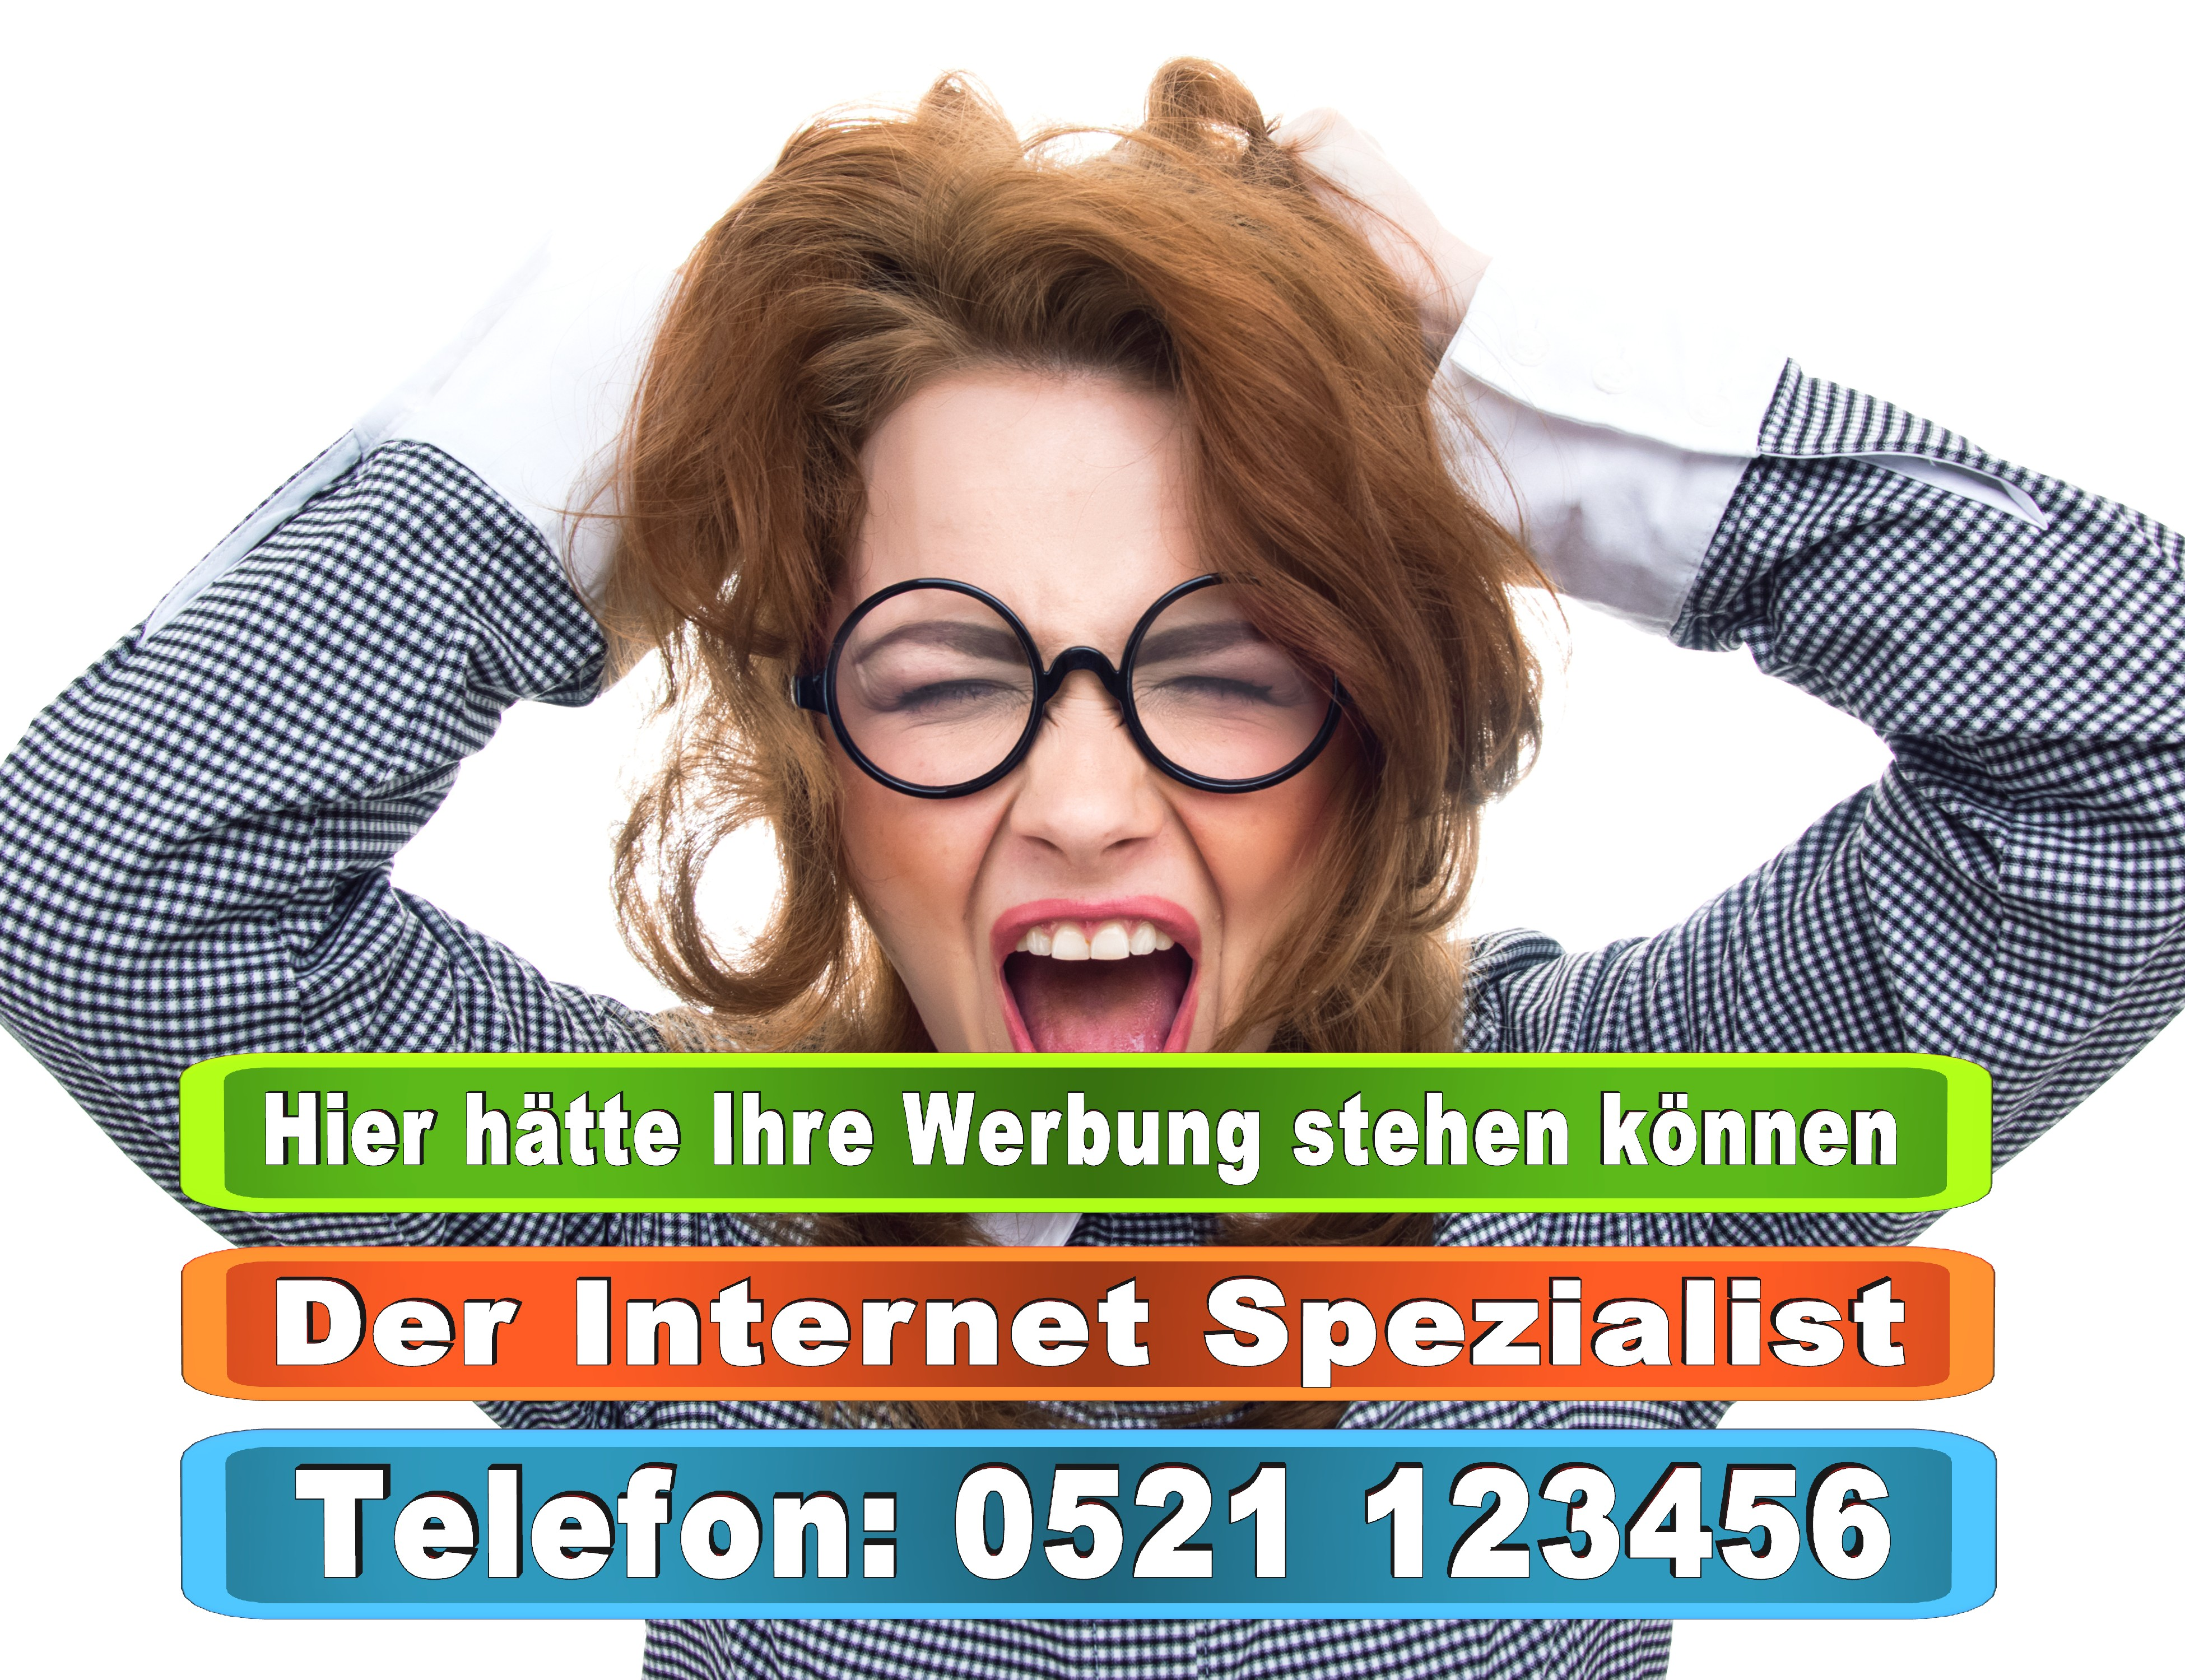 Bielefeld Werbung Werbeanzeigen Zeitungen Bielefeld OWL NRW Demonstrationen Polizei Bielefeld Kleinanzeigen Bielefeld Berlin Hamburg Köln (7)